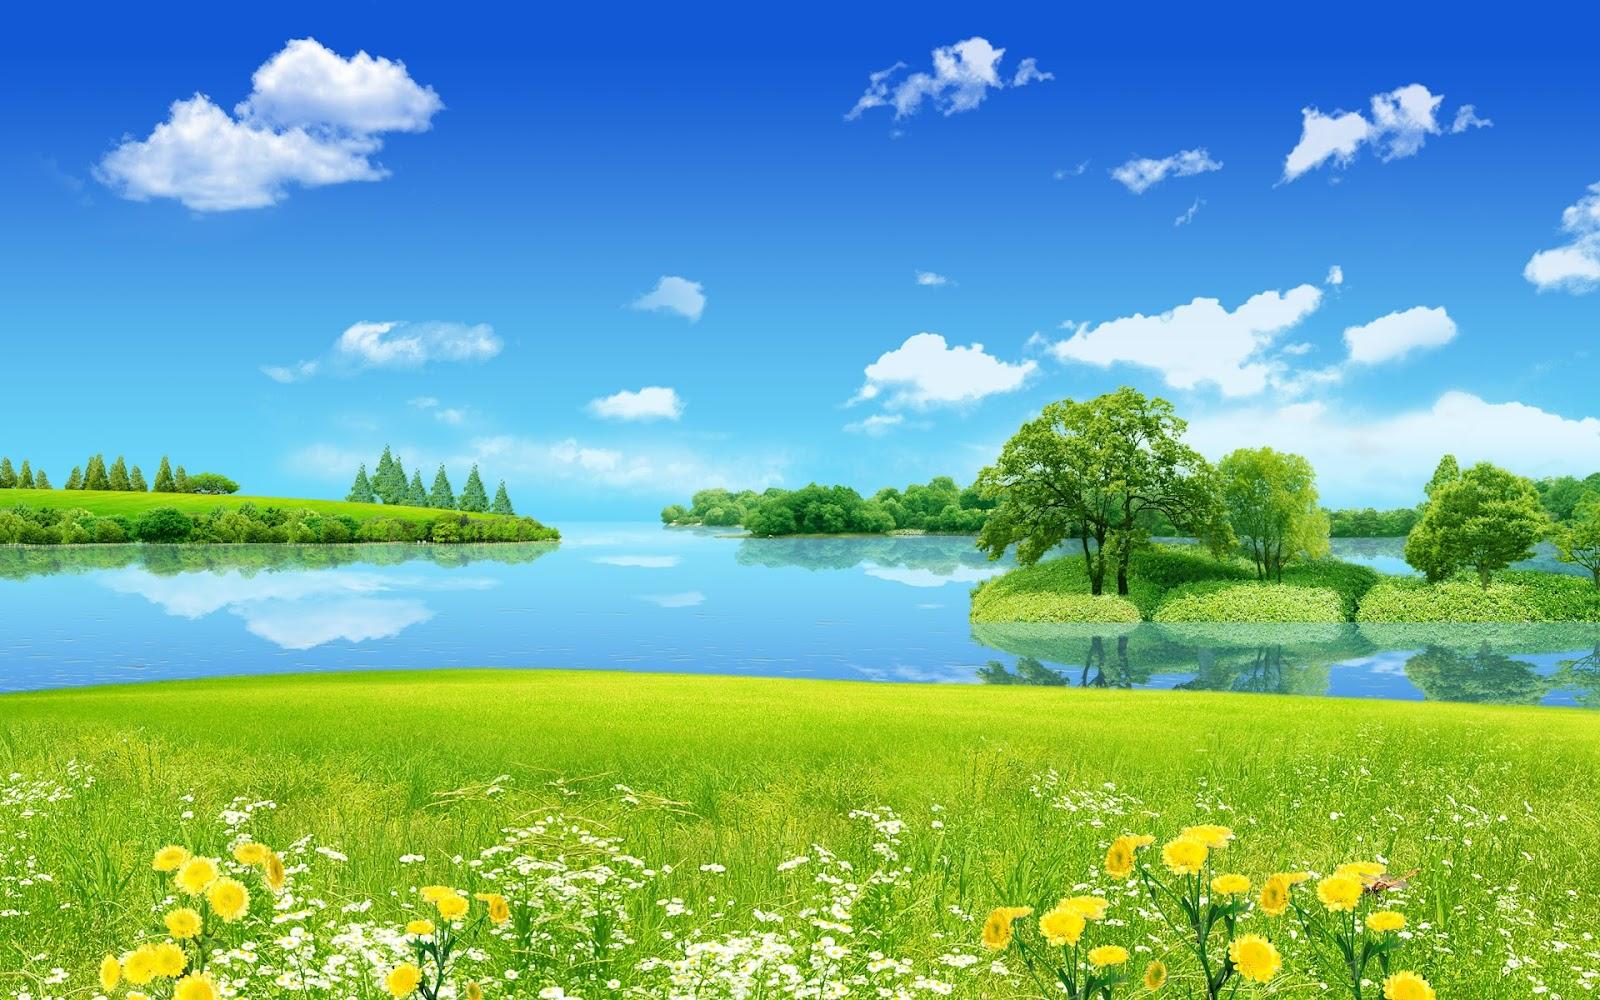 http://3.bp.blogspot.com/-oLpC-XkYsmk/T3saw0HN40I/AAAAAAAAAU0/k8k0OmziA2c/s1600/Creative_design_summer_dreamland.jpg